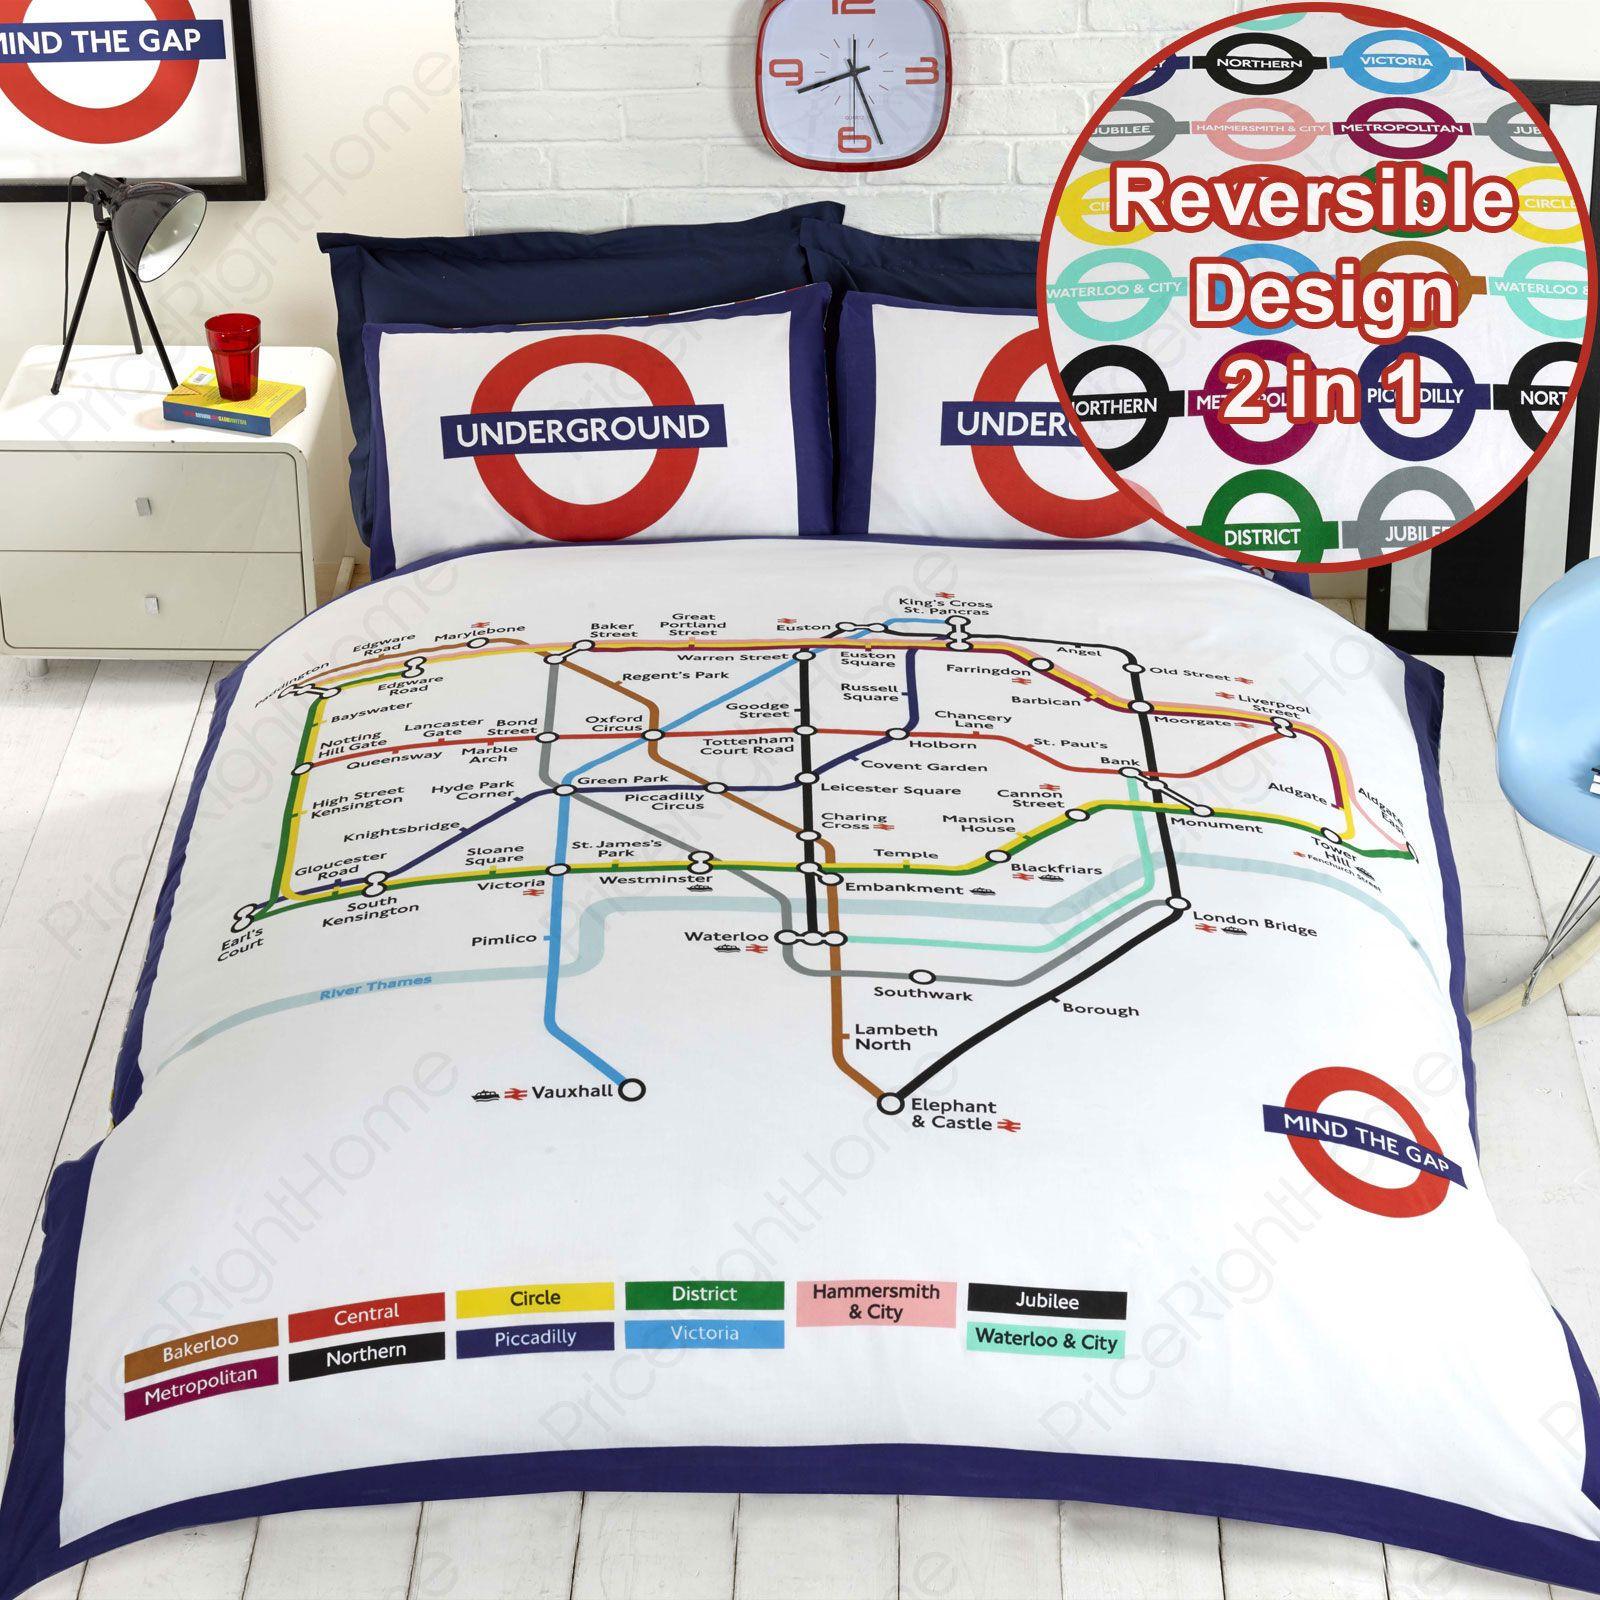 MONDE-VILLES-HOUSSE-DE-COUETTE-ENSEMBLES-DISPONIBLE-EN-SIMPLE-amp-DOUBLE-LONDON